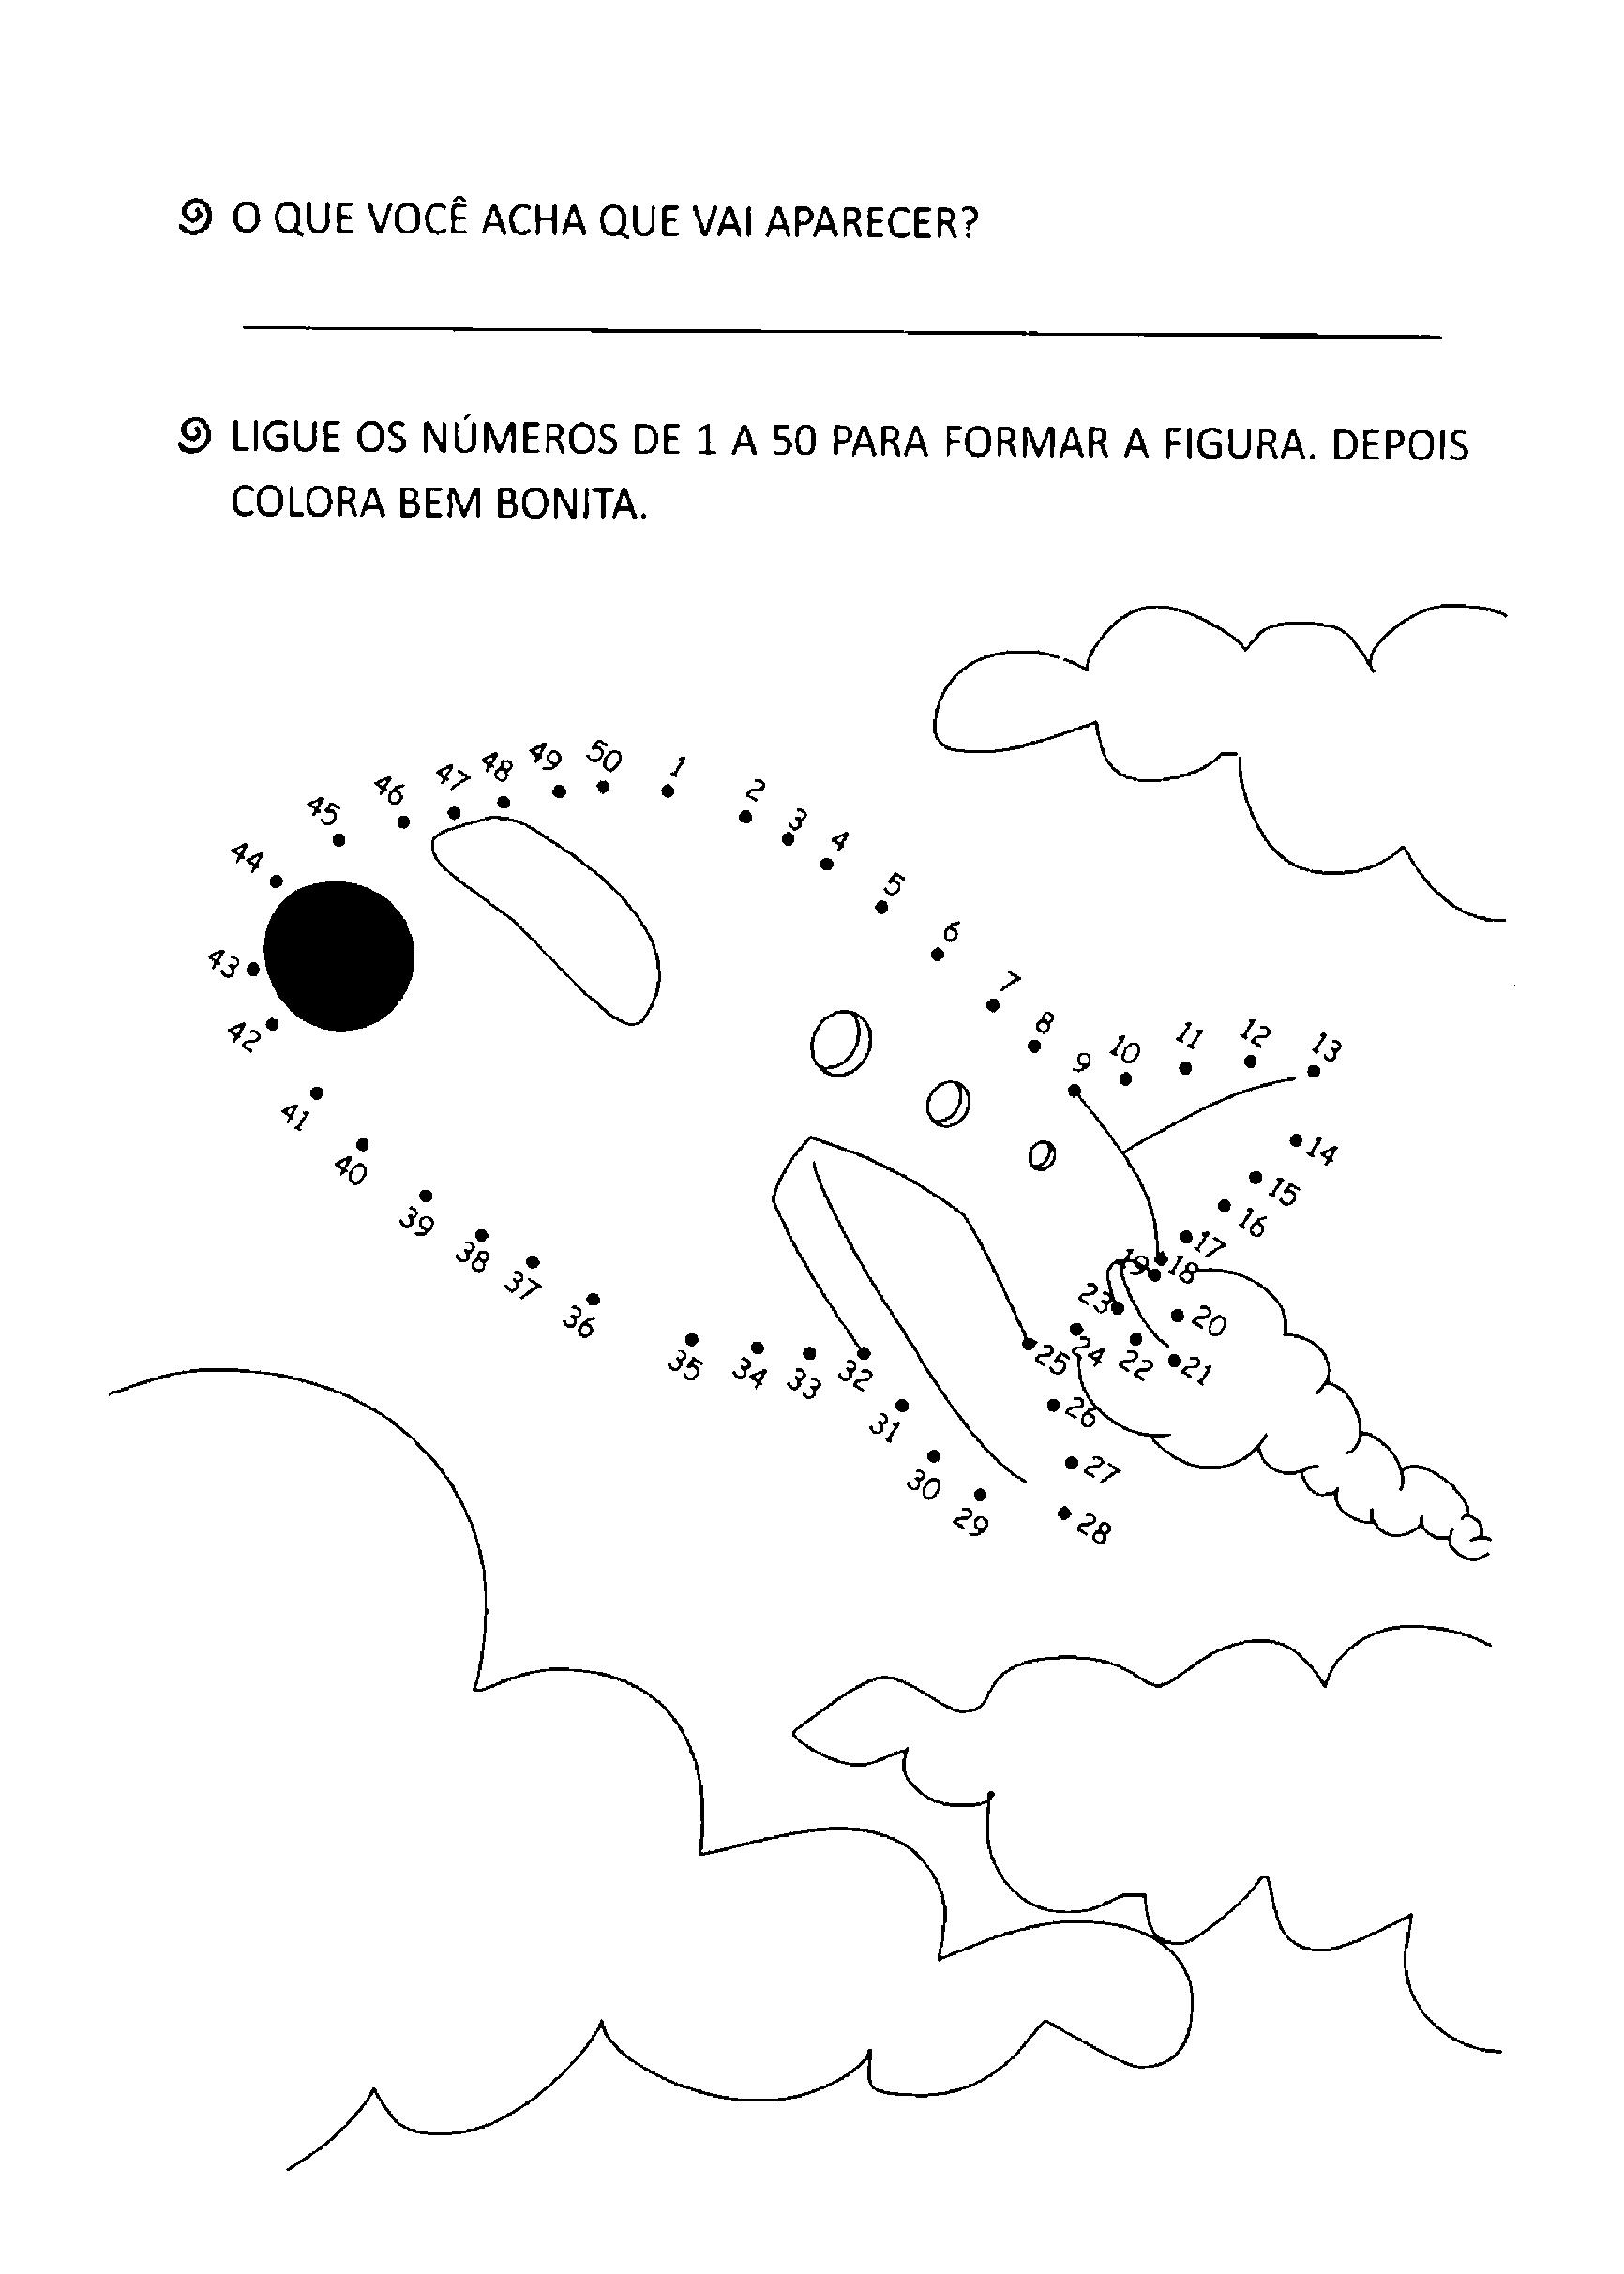 0211-aitividade-ligar-pontos-aviao